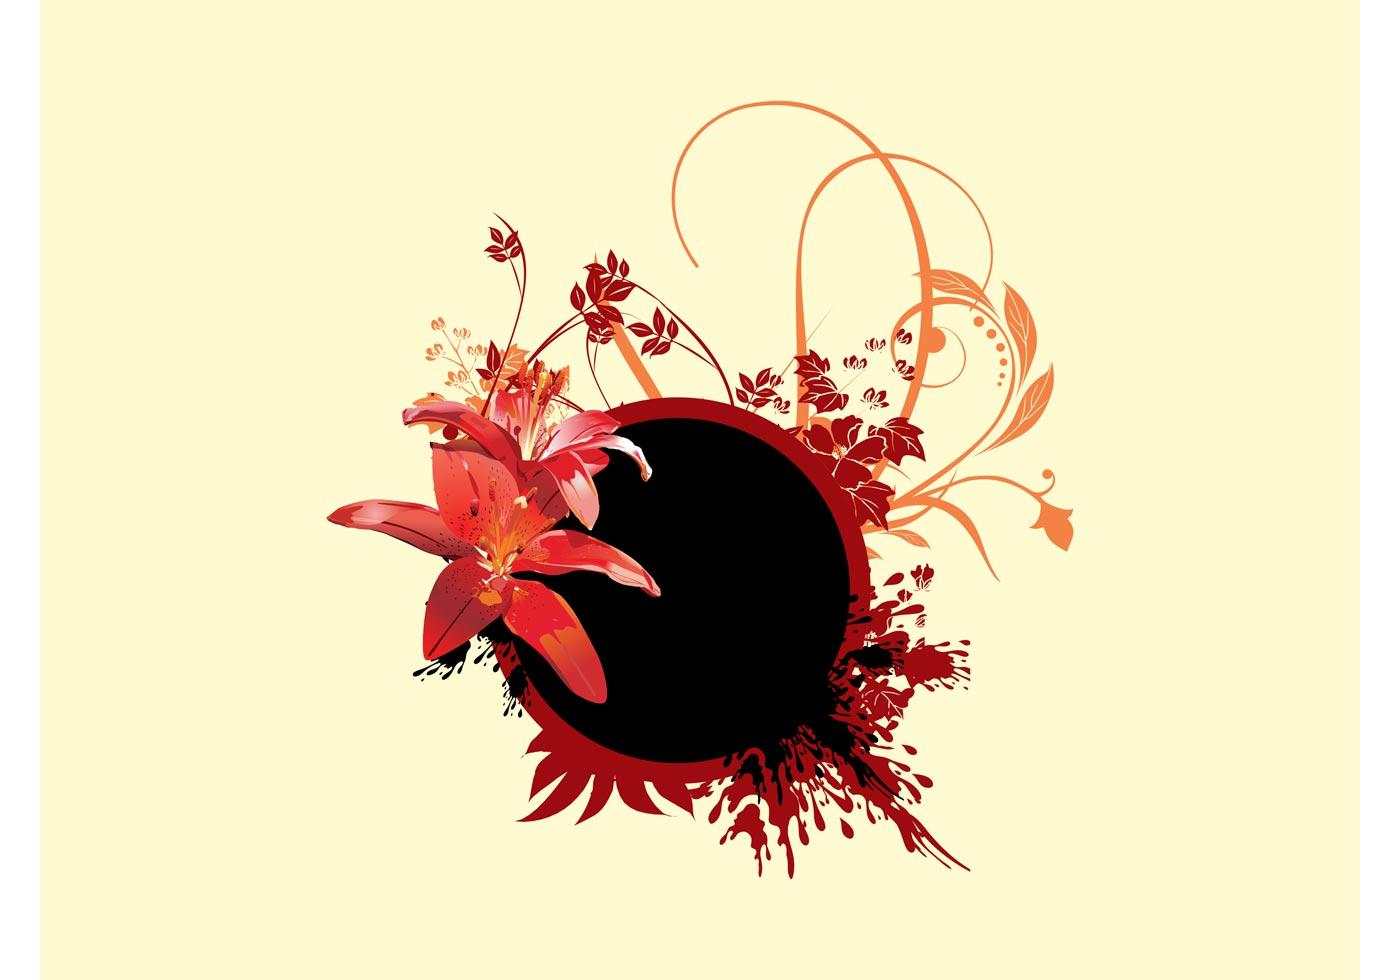 floral composition download free vector art stock. Black Bedroom Furniture Sets. Home Design Ideas